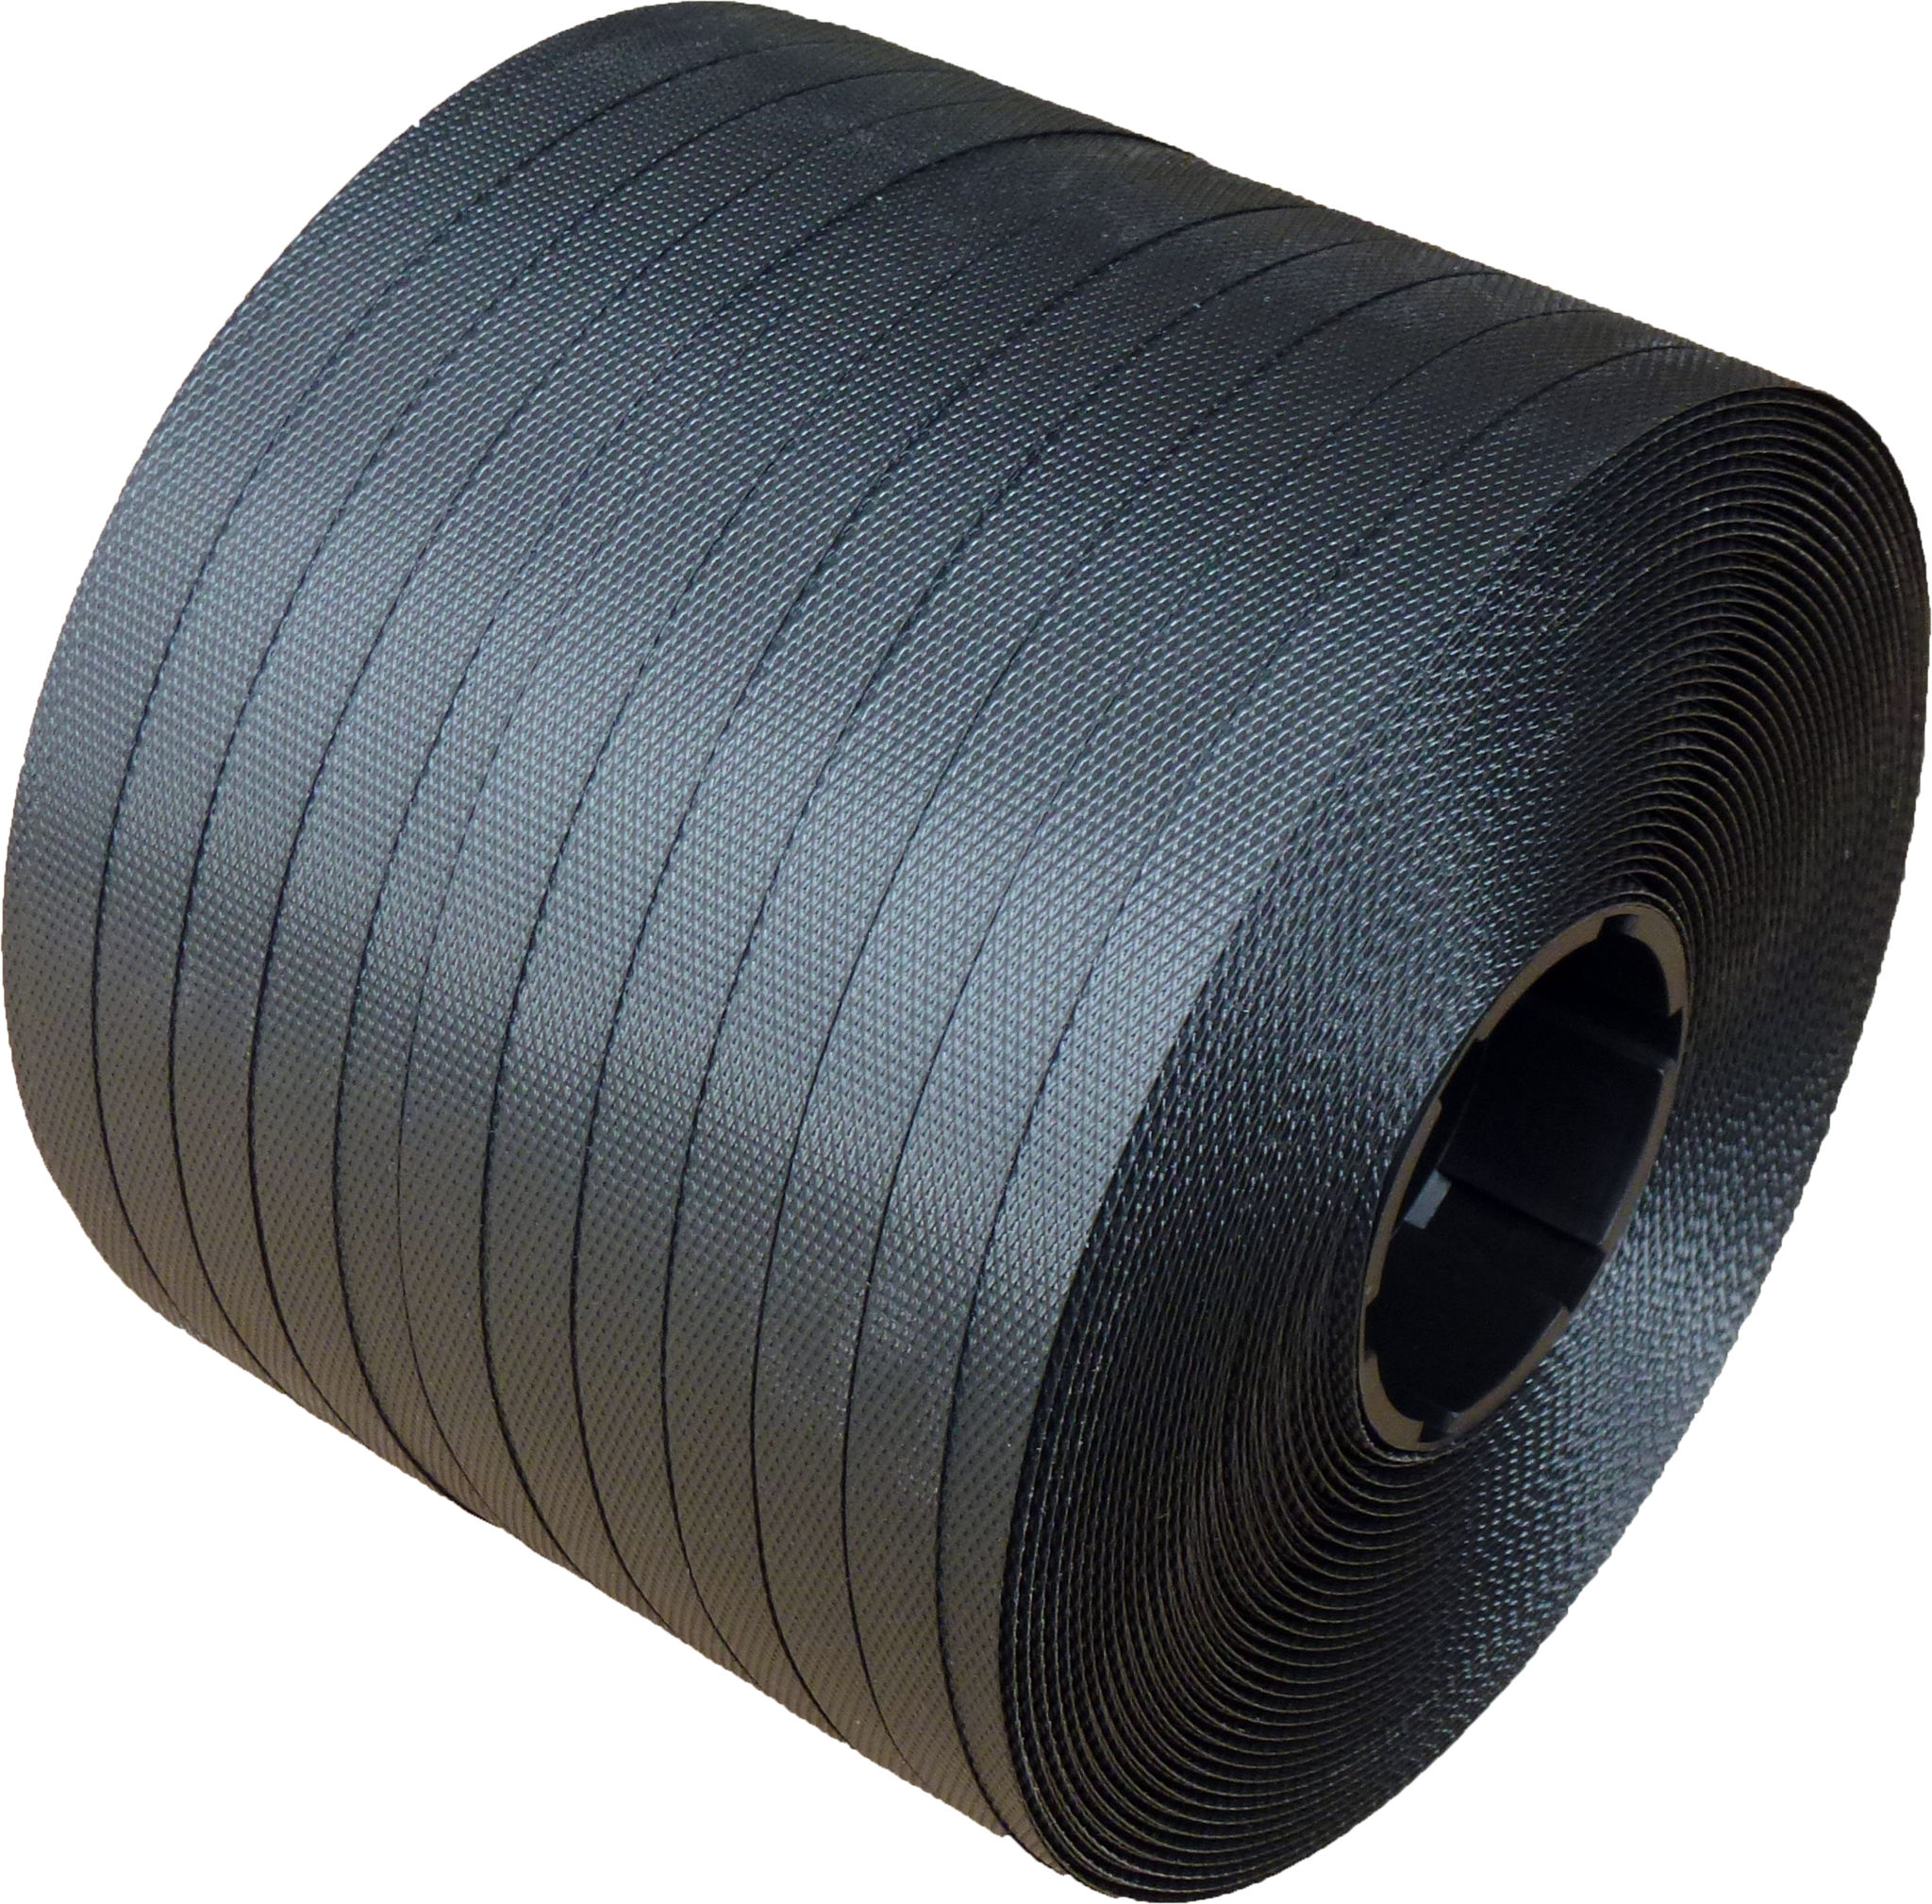 1x Umreifungsb/änder PP Kleinrollen schwarz 12mm x 600m 0,50mm St/ärke kein Kern